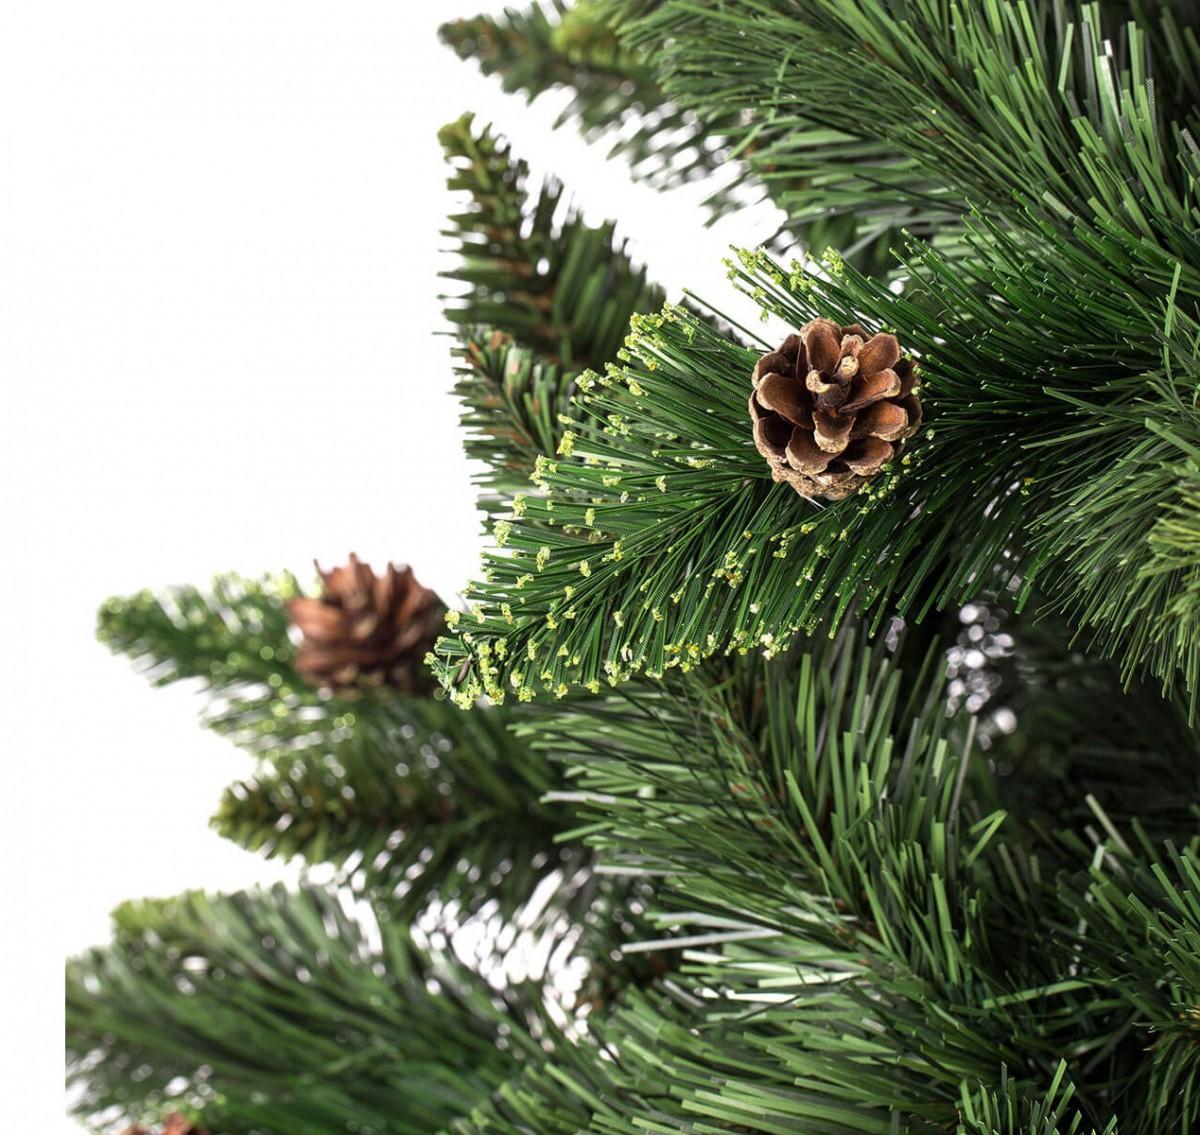 K nstlicher weihnachtsbaum kiefer my blog for Weihnachtsbaum vorhang